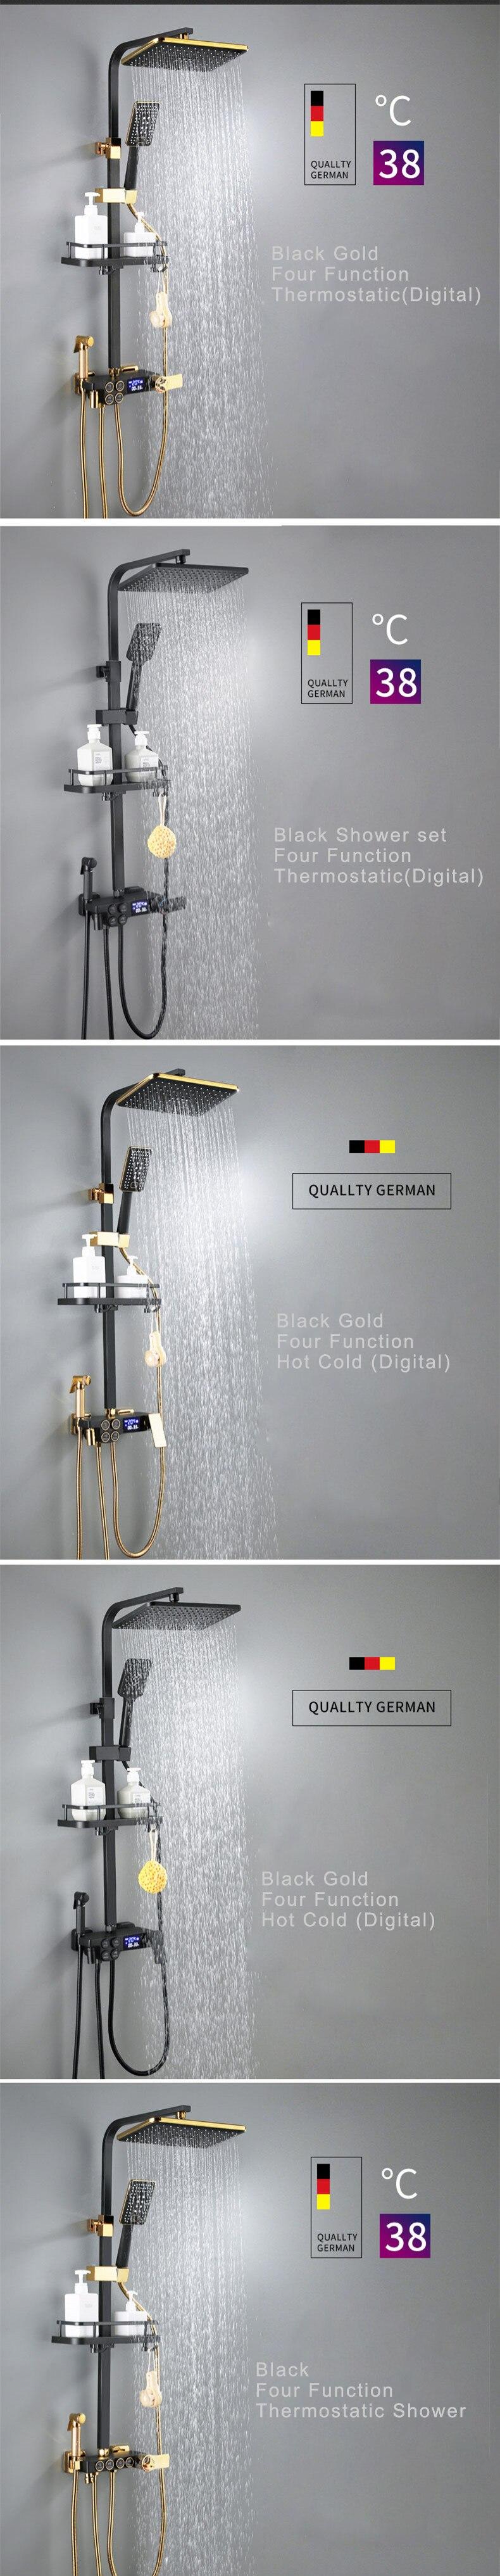 H8d0daf514a734cd8a1aba8876991c67dD Digital Shower Set Matte Black Batroom Faucet Hot Cold Bath Shower System Copper Bath Bidet Luxury Black Thermostatic Shower Set